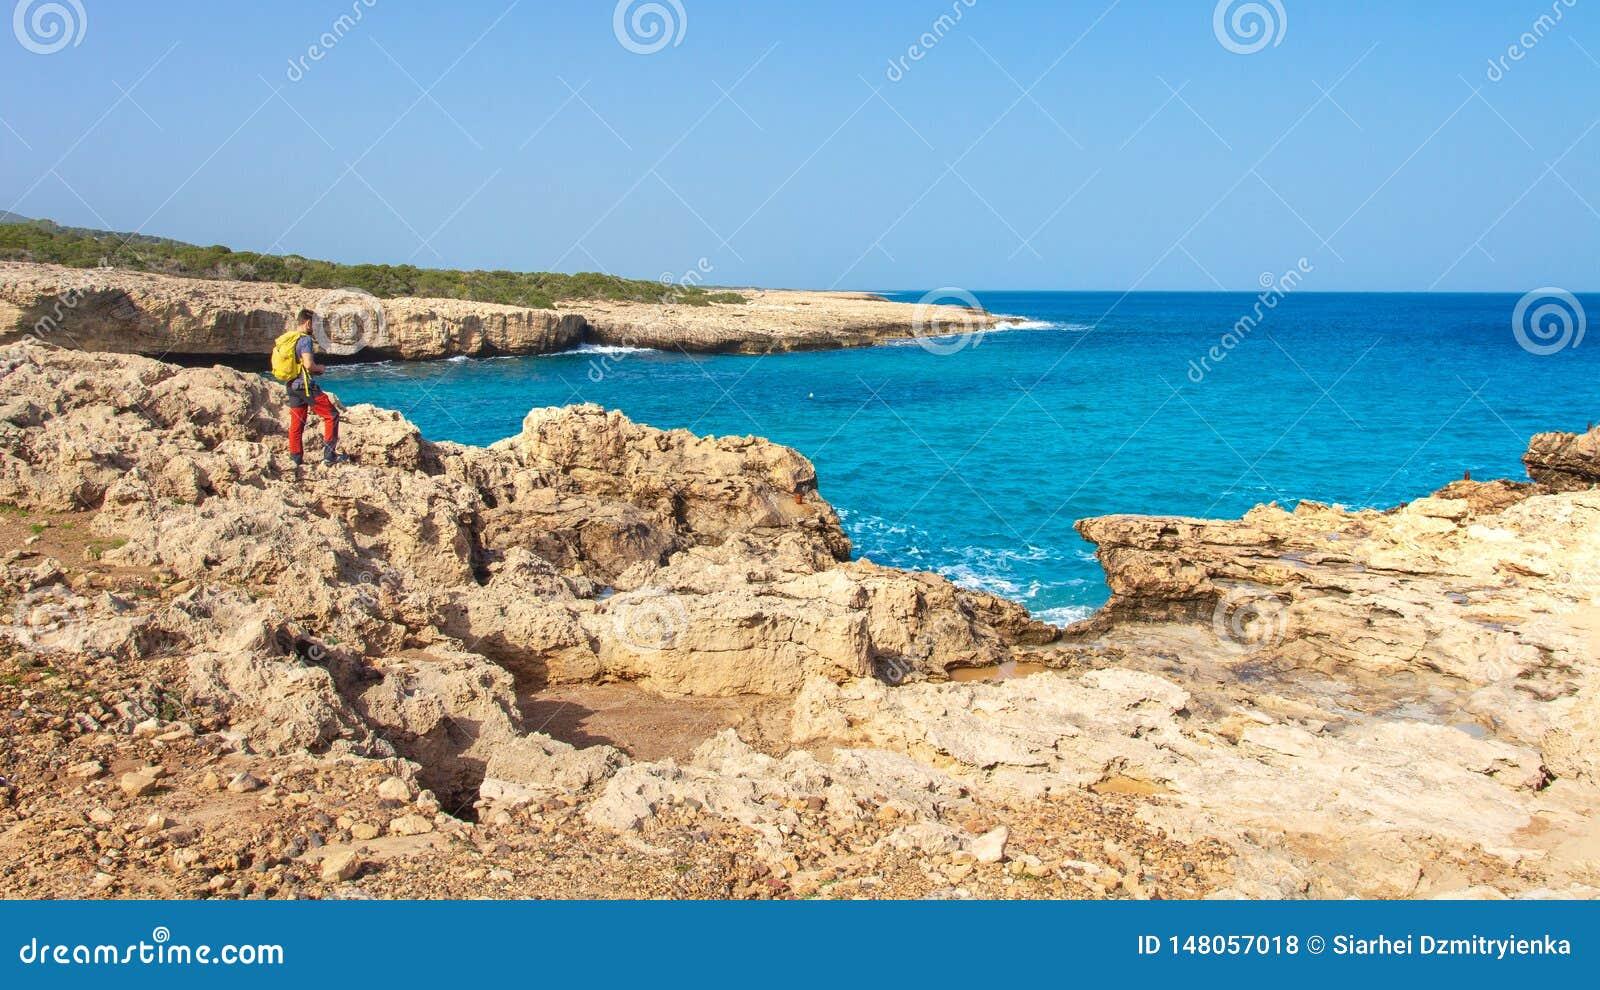 塞浦路斯岩石海岸景观 塞浦路斯海湾碧绿水景 人类看海浪